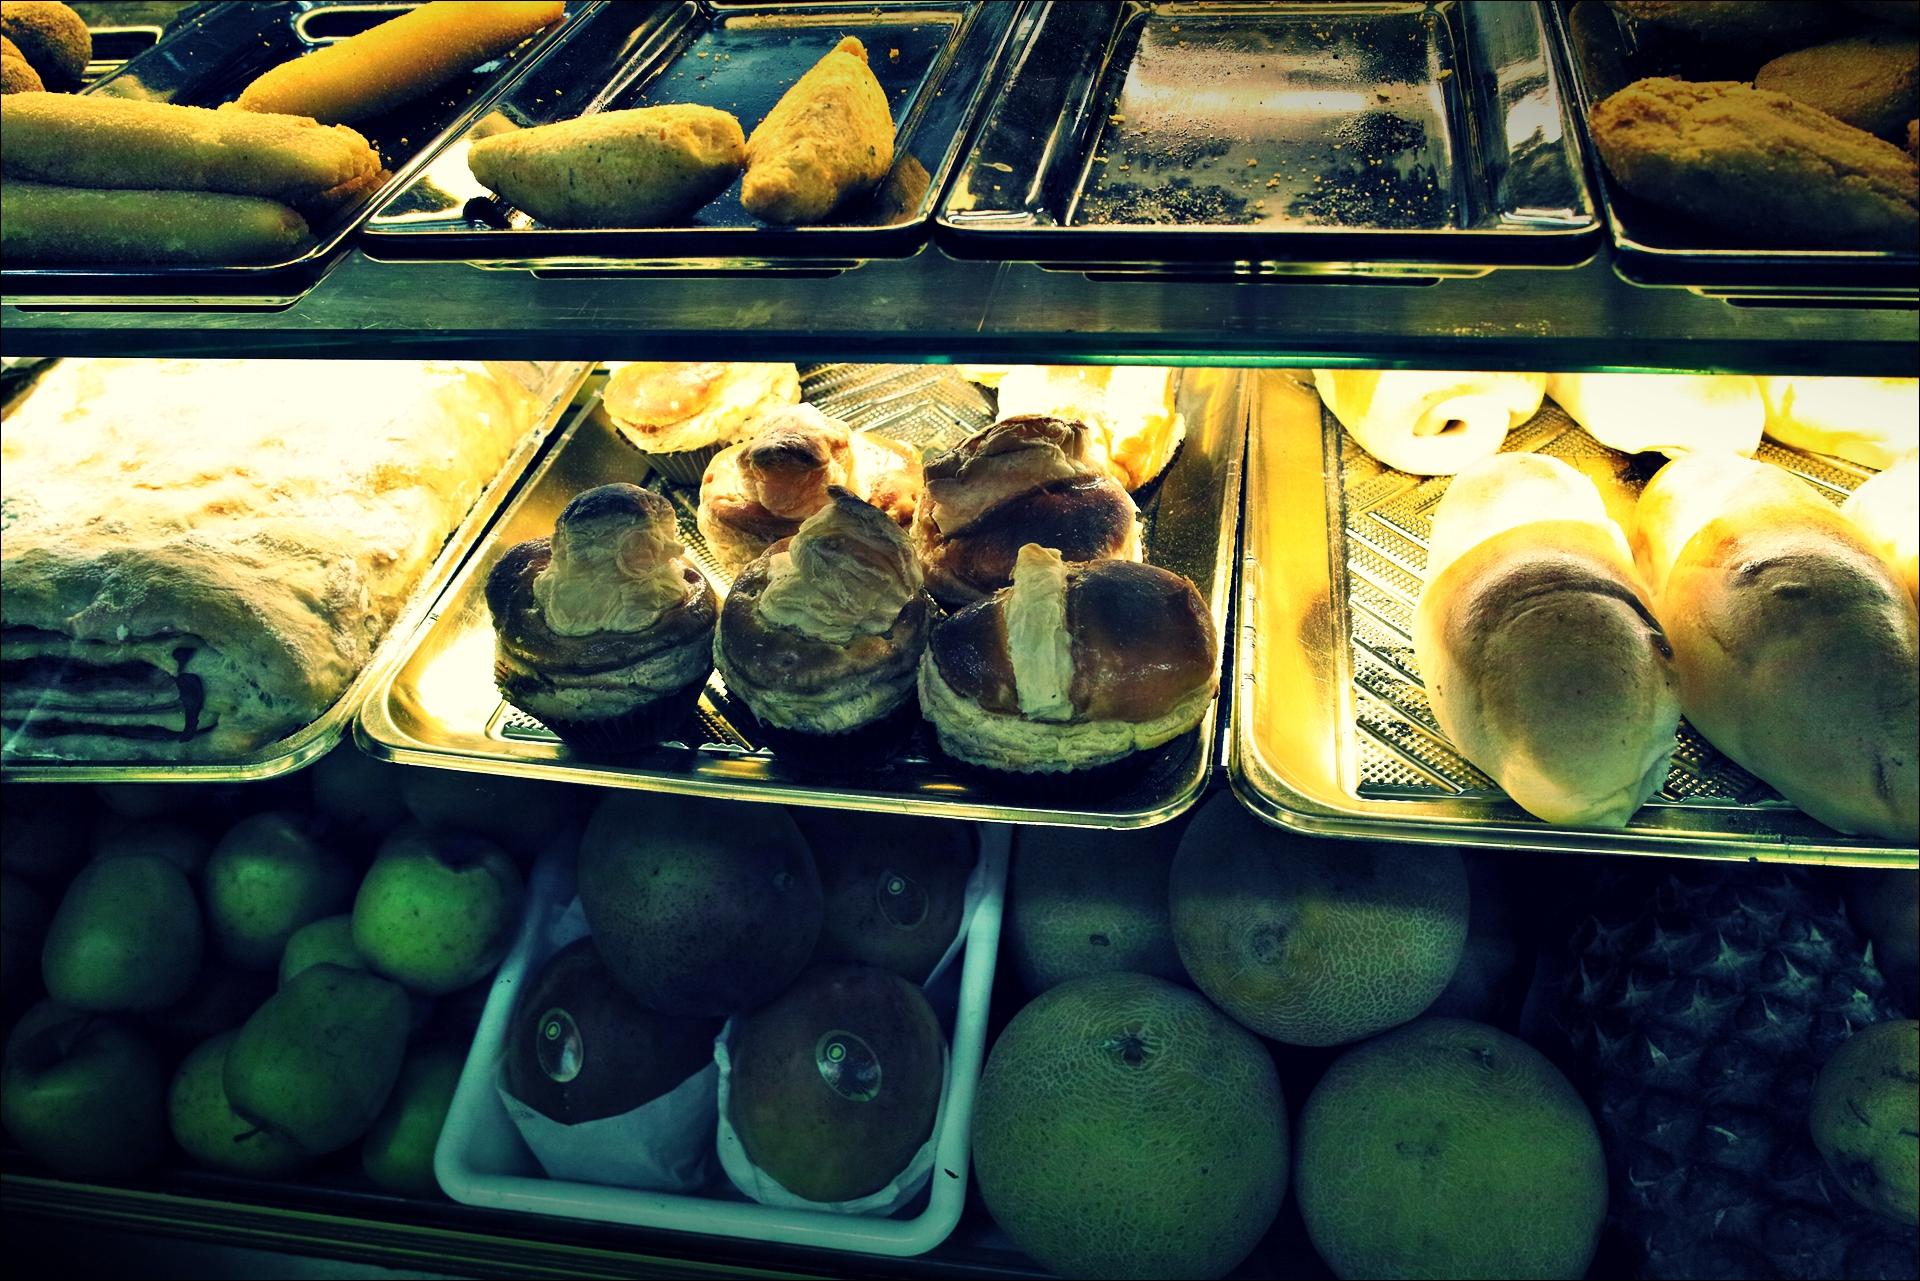 볼량빵집 빵-'포르투 둘러보기 porto sightseeing'